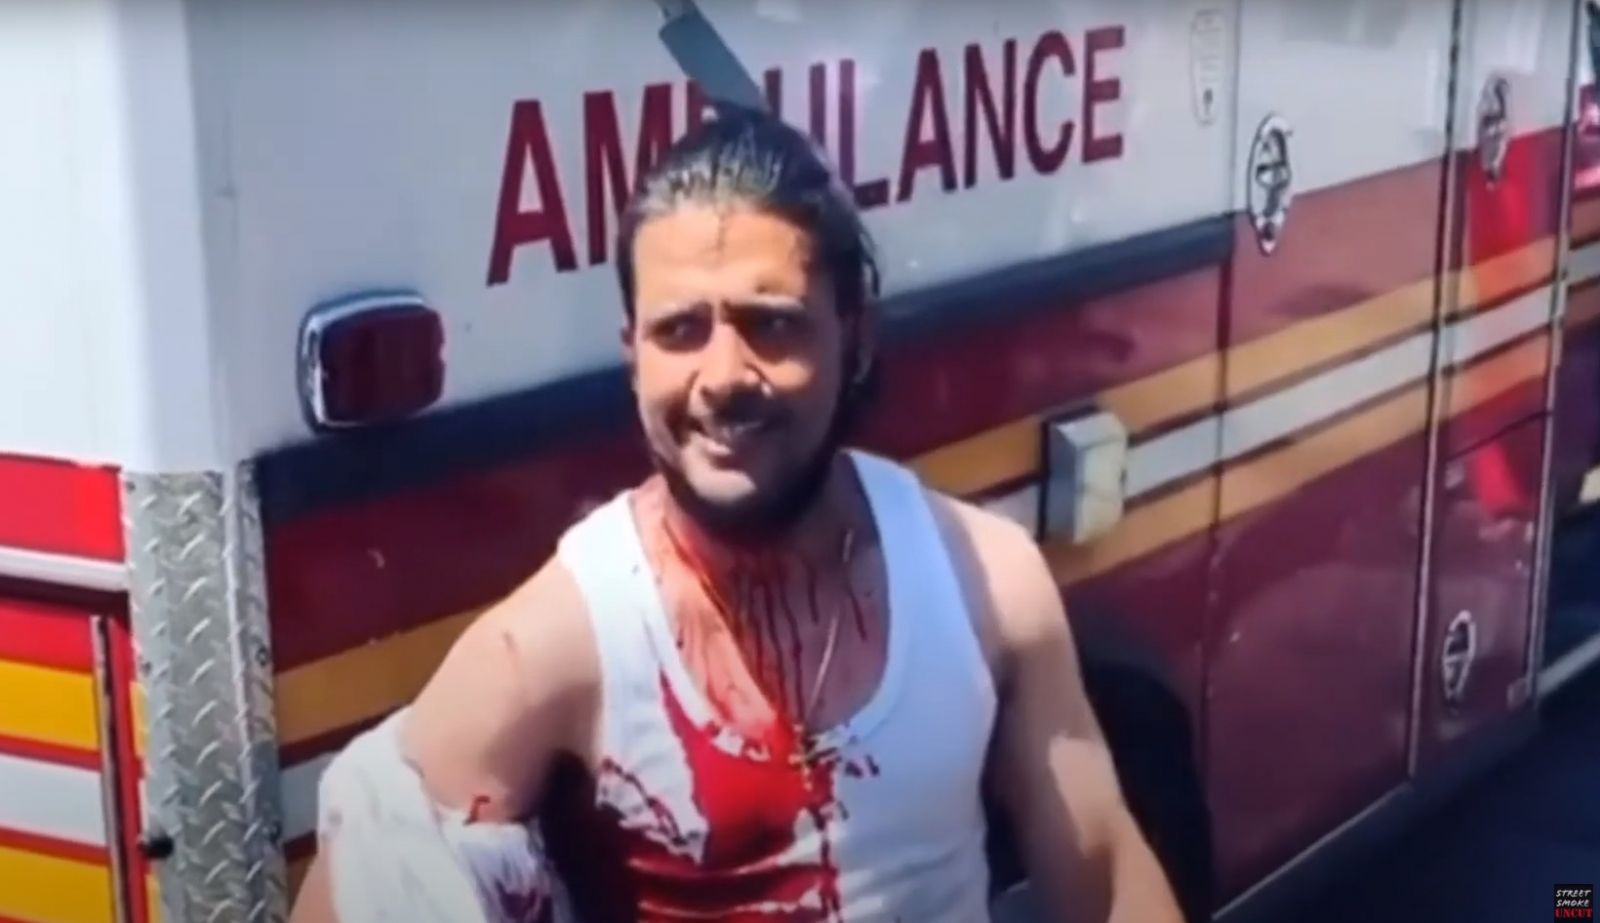 Заступился за женщину: мужчина с ножом в голове разгуливал по Нью-Йорку